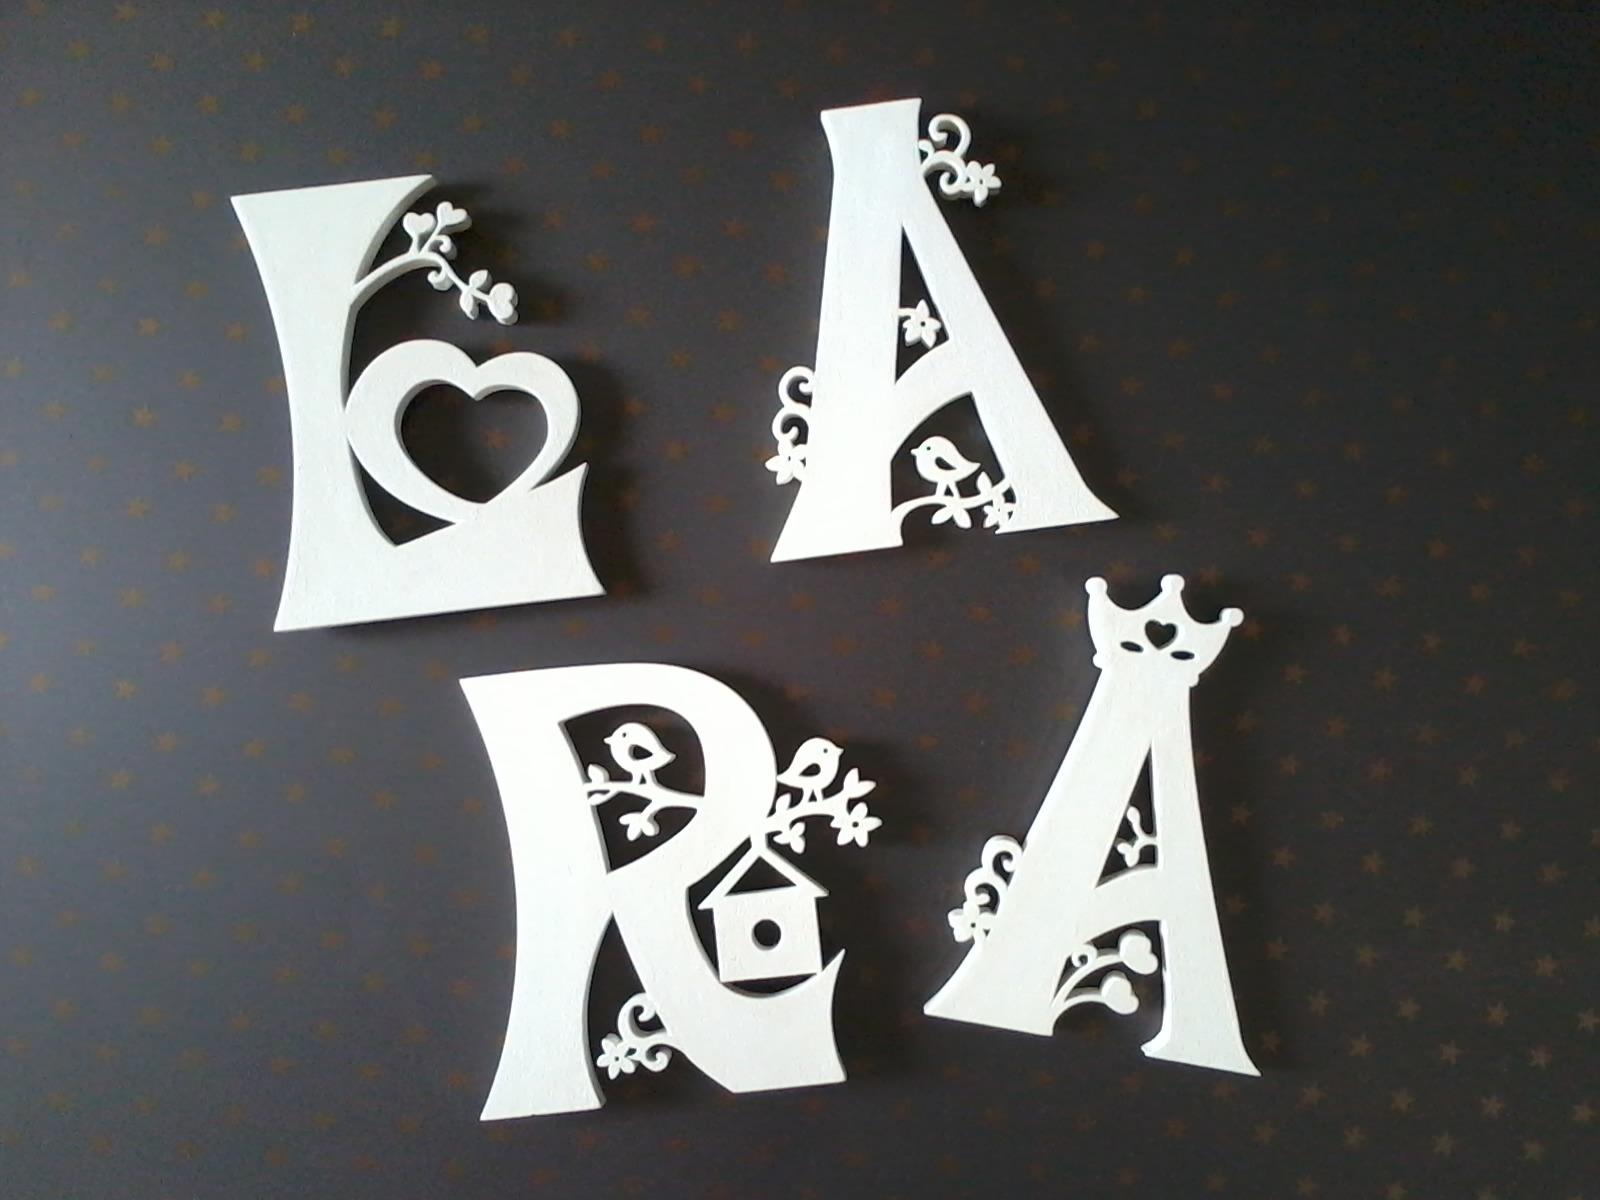 Letras Em Mdf Decoradas Taina: Letra Em 3D - Princesas!